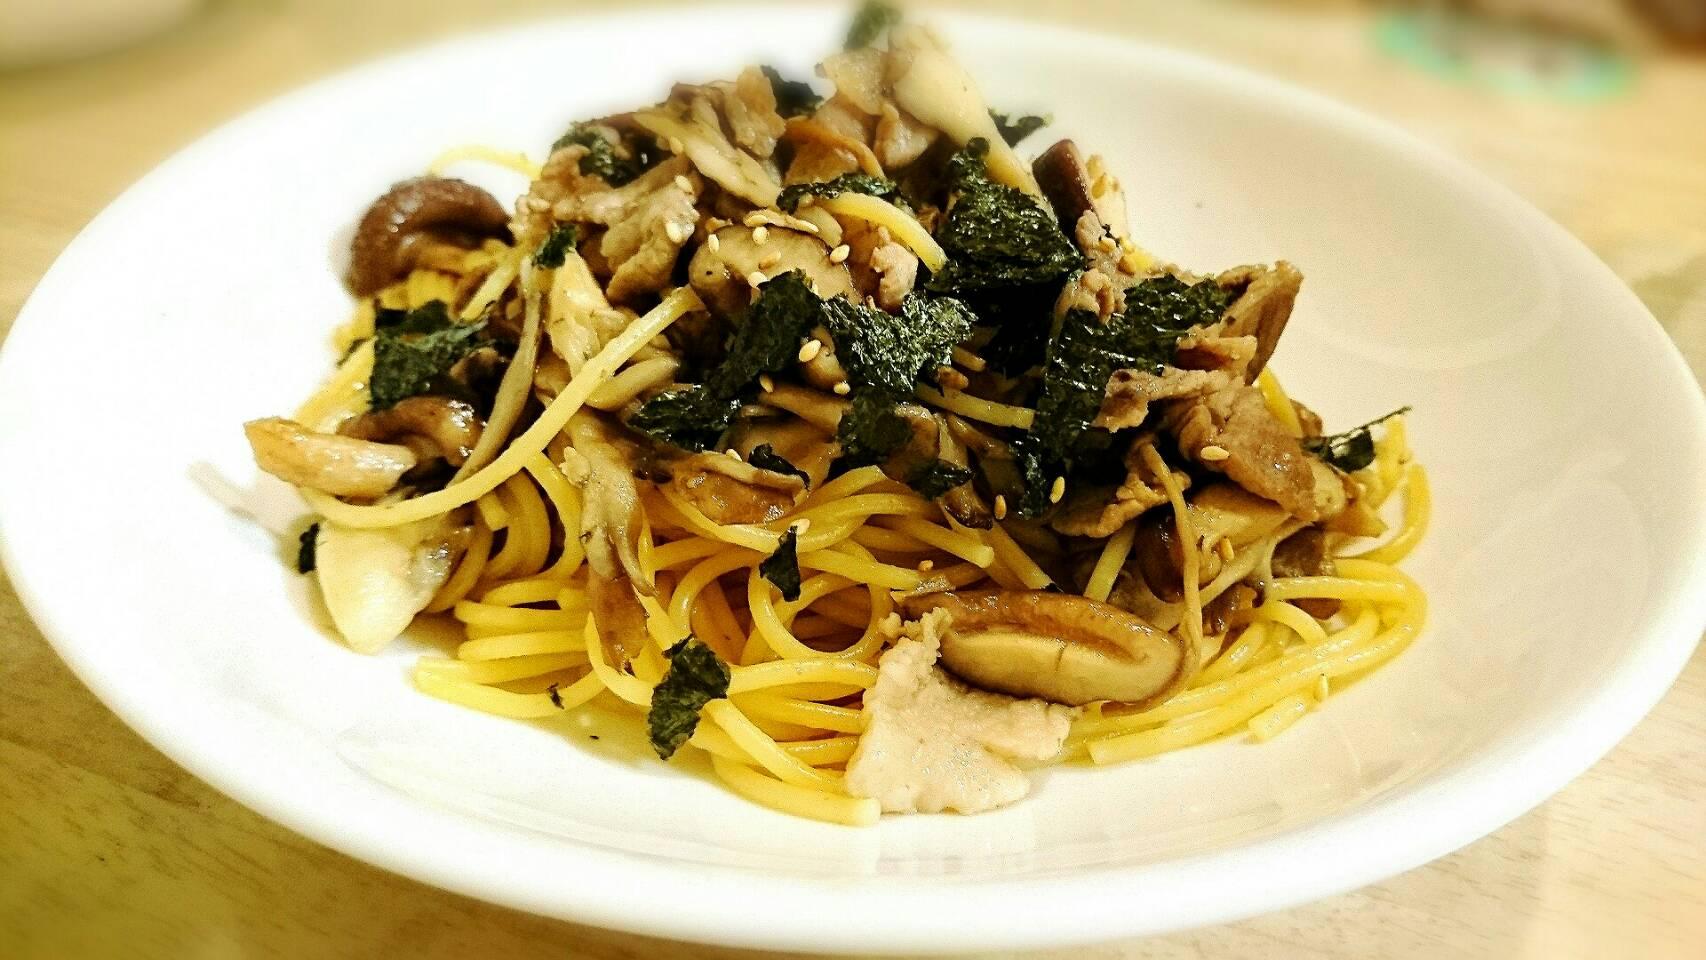 【パスタレシピ】超簡単 キノコたっぷり和風スパゲティー